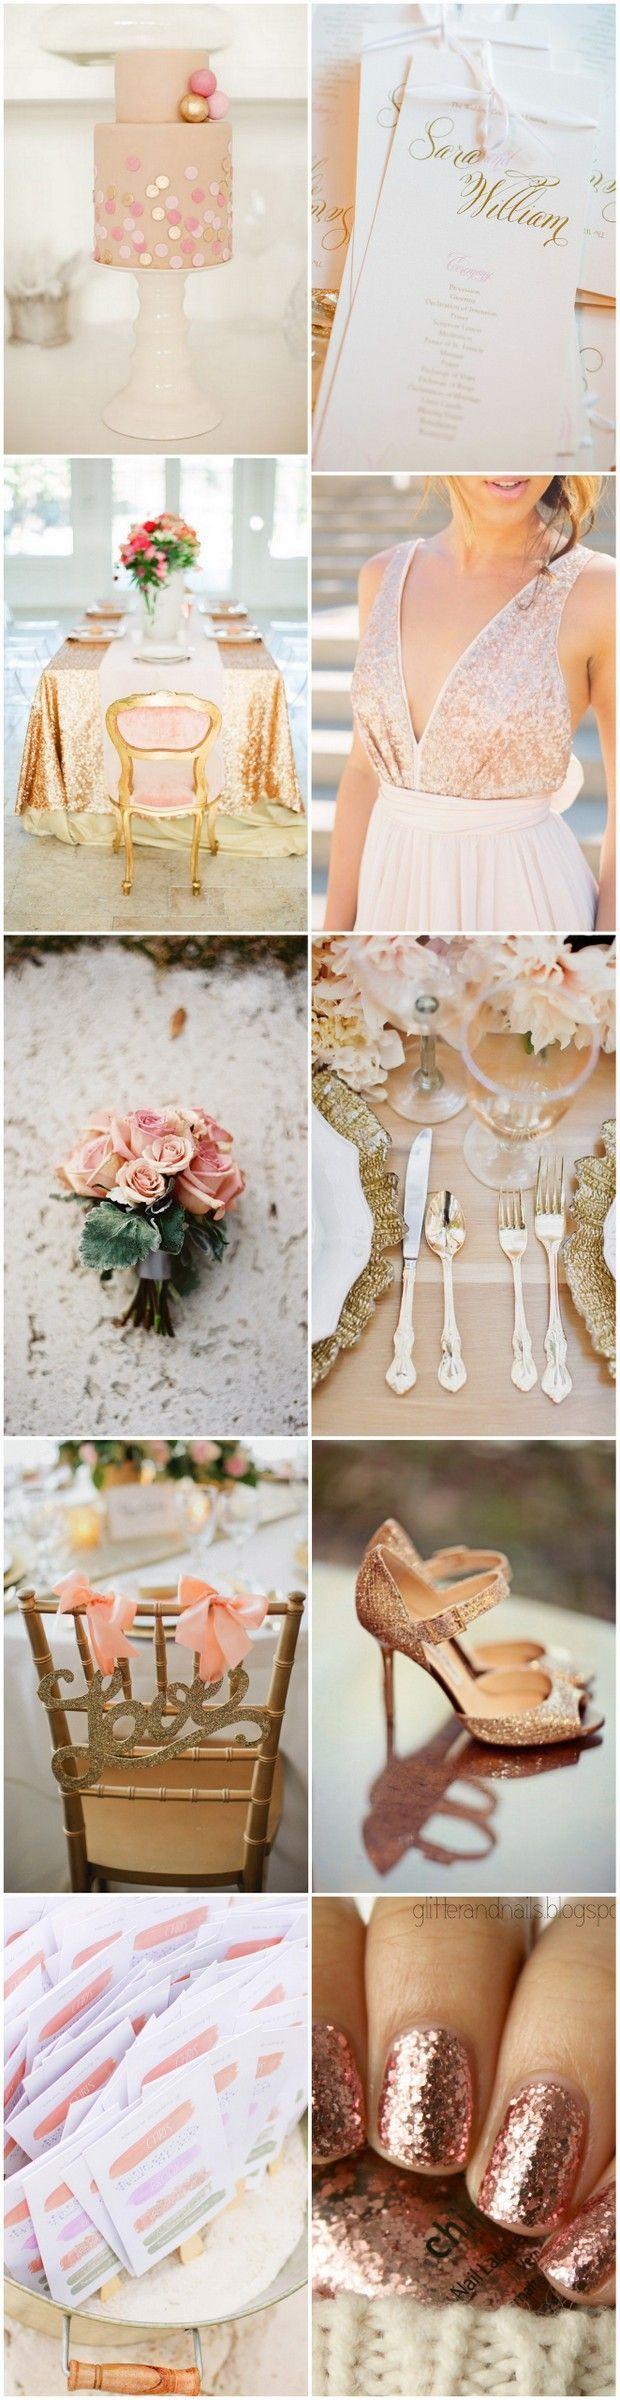 上品で可愛い♡シャンパンゴールドがテーマカラーのwedding party♡にて紹介している画像